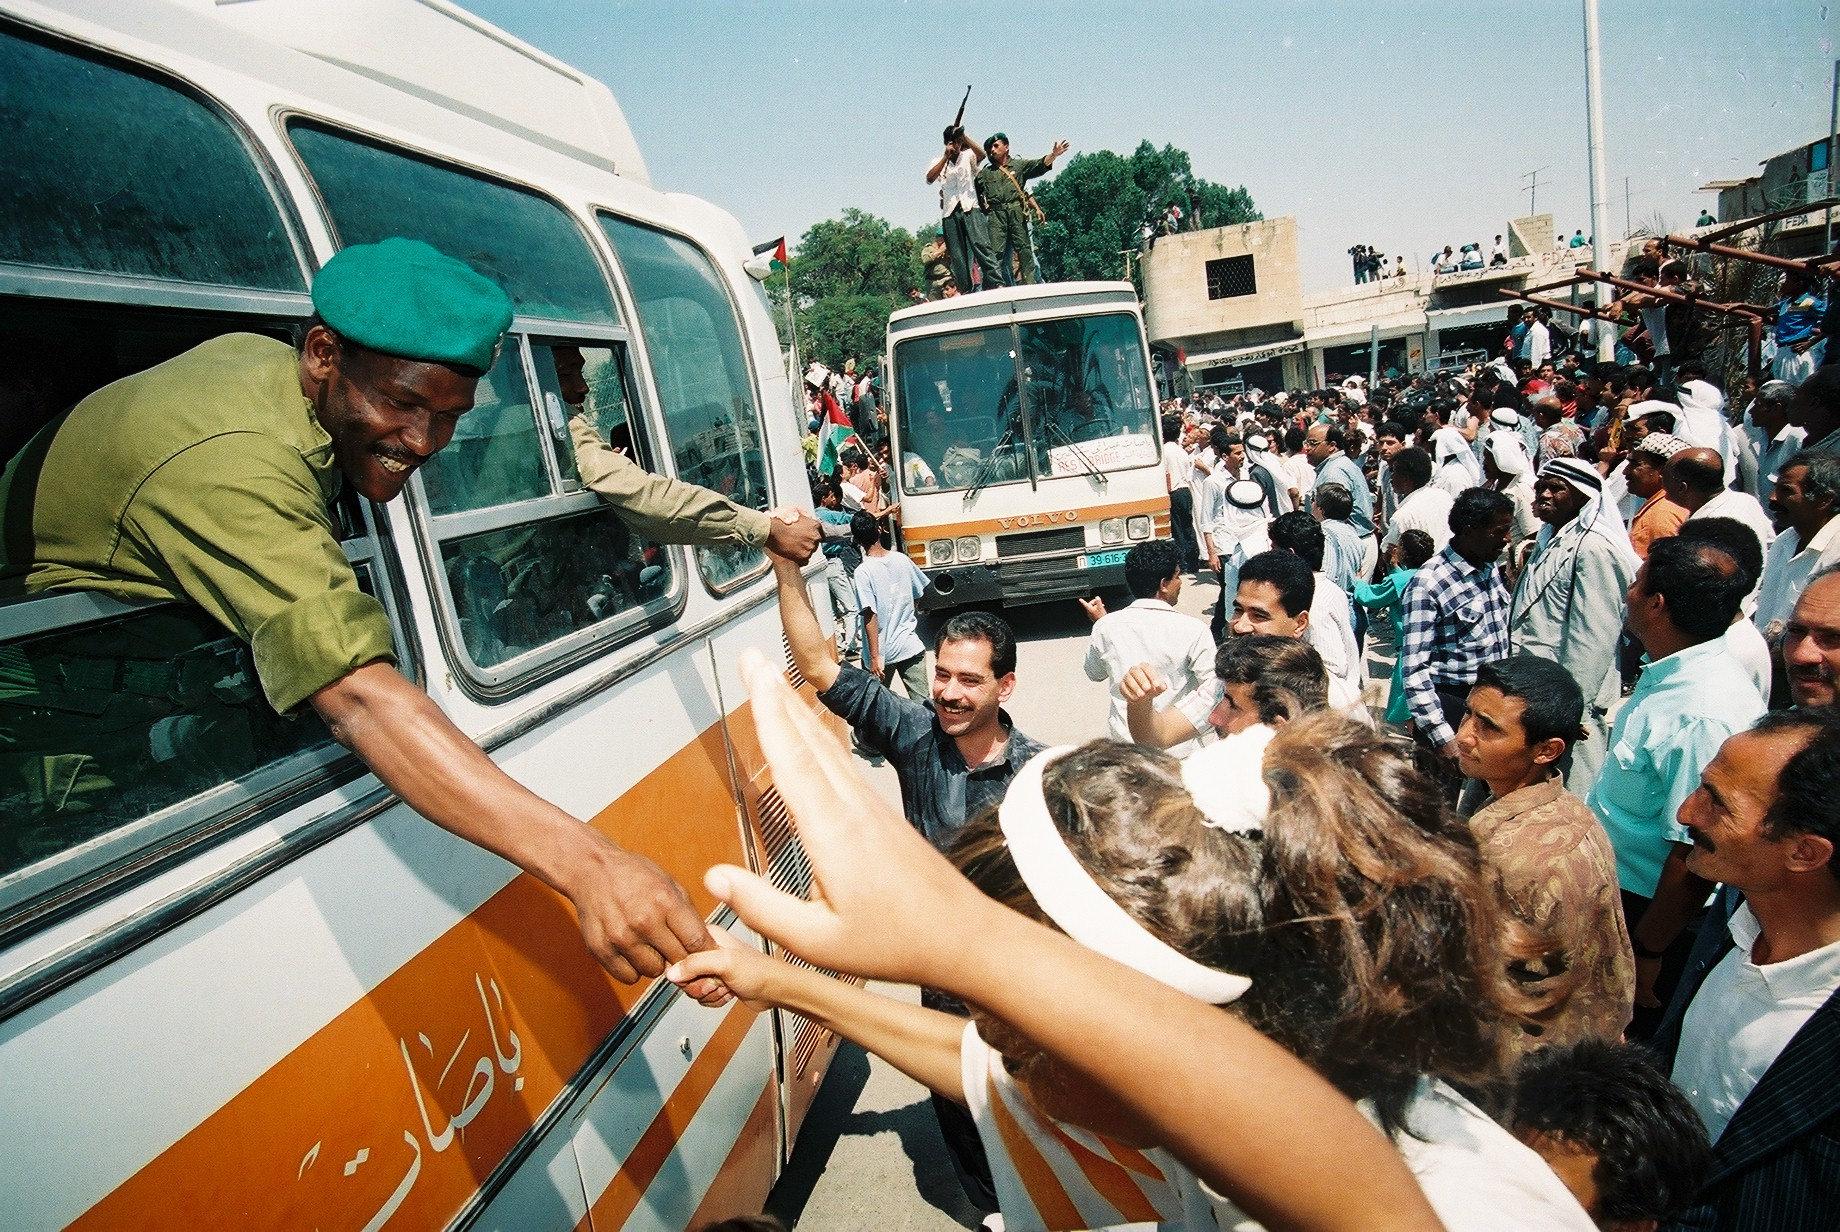 תושבים פלסטינים חוגגים את כניסתה של המשטרה הפלסטינית ליריחו, 13 במאי 1994 (יוסי זמיר / פלאש 90)